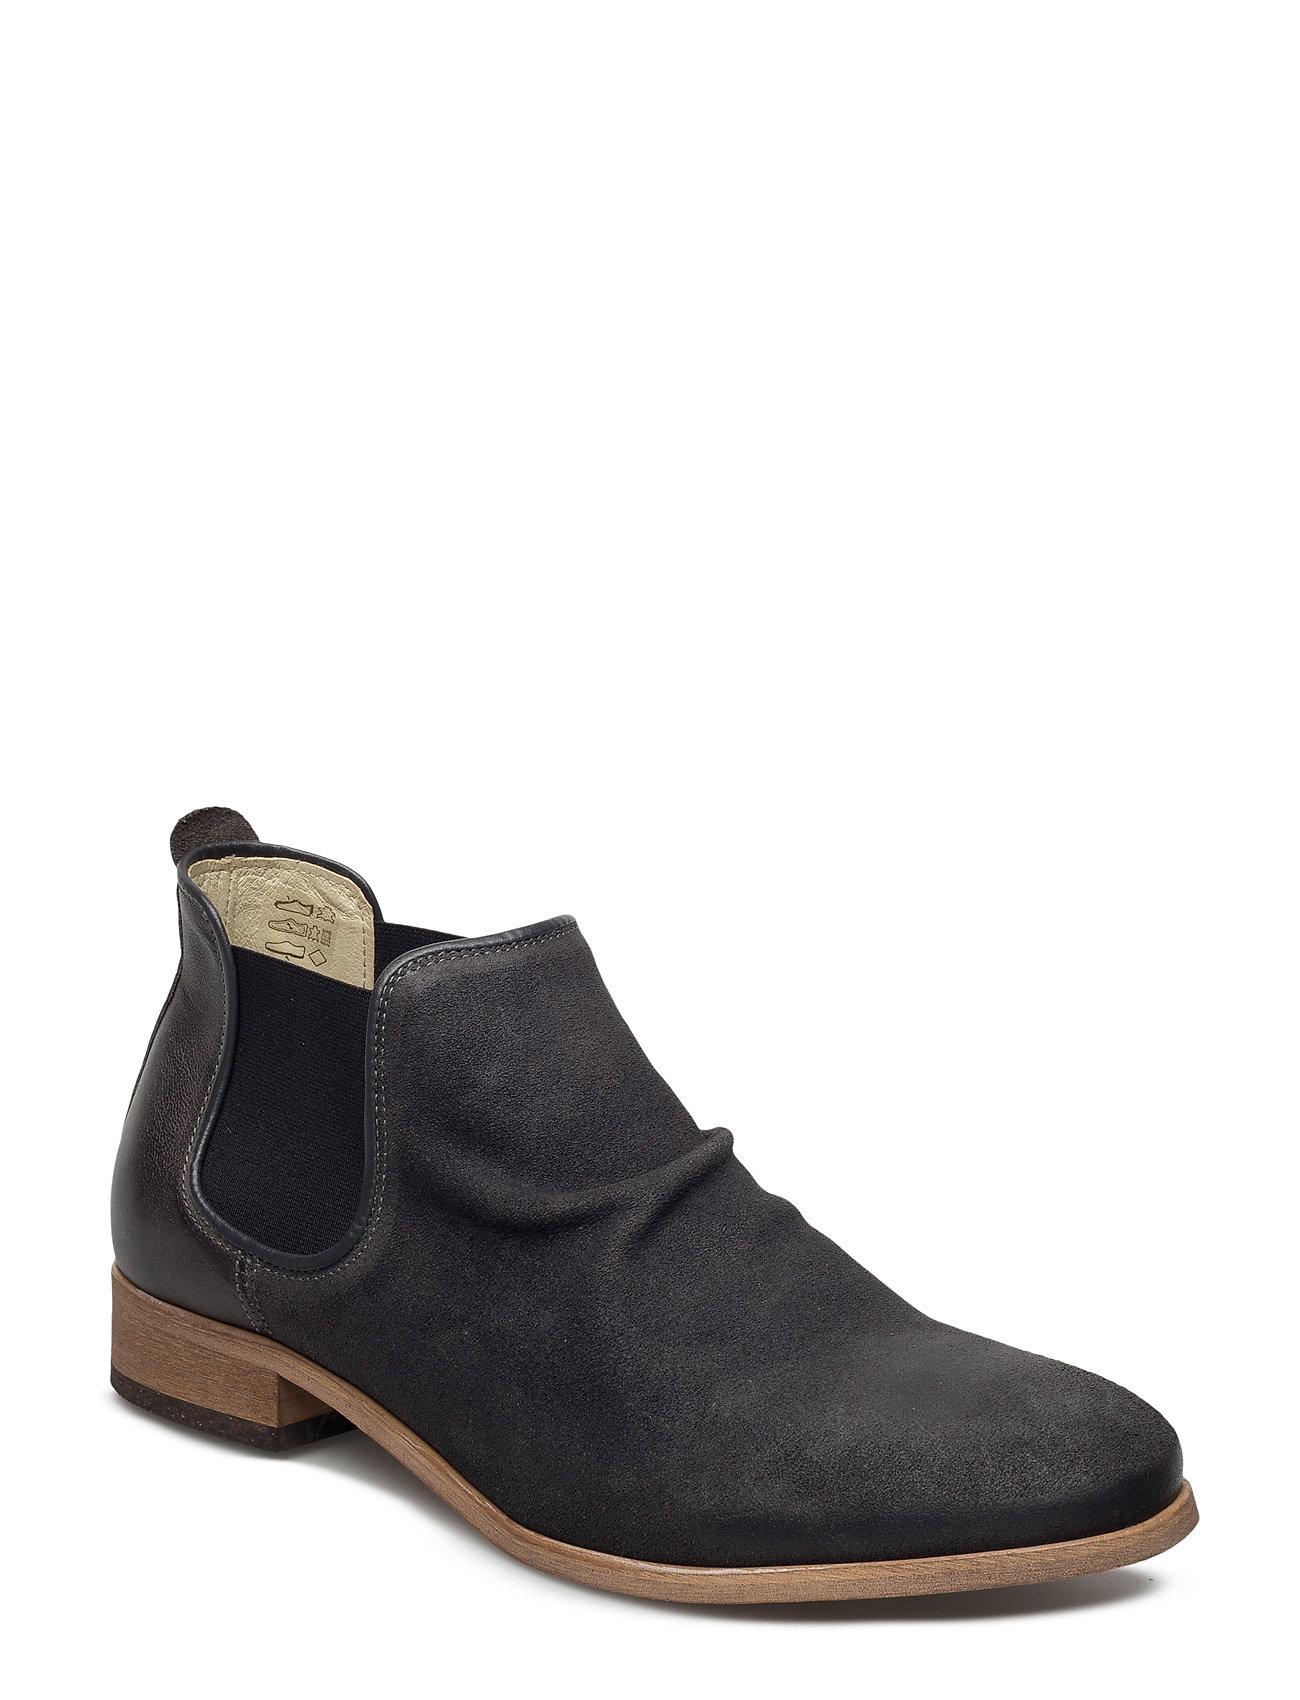 Stb1064 Shoe The Bear Støvler til Mænd i Sort